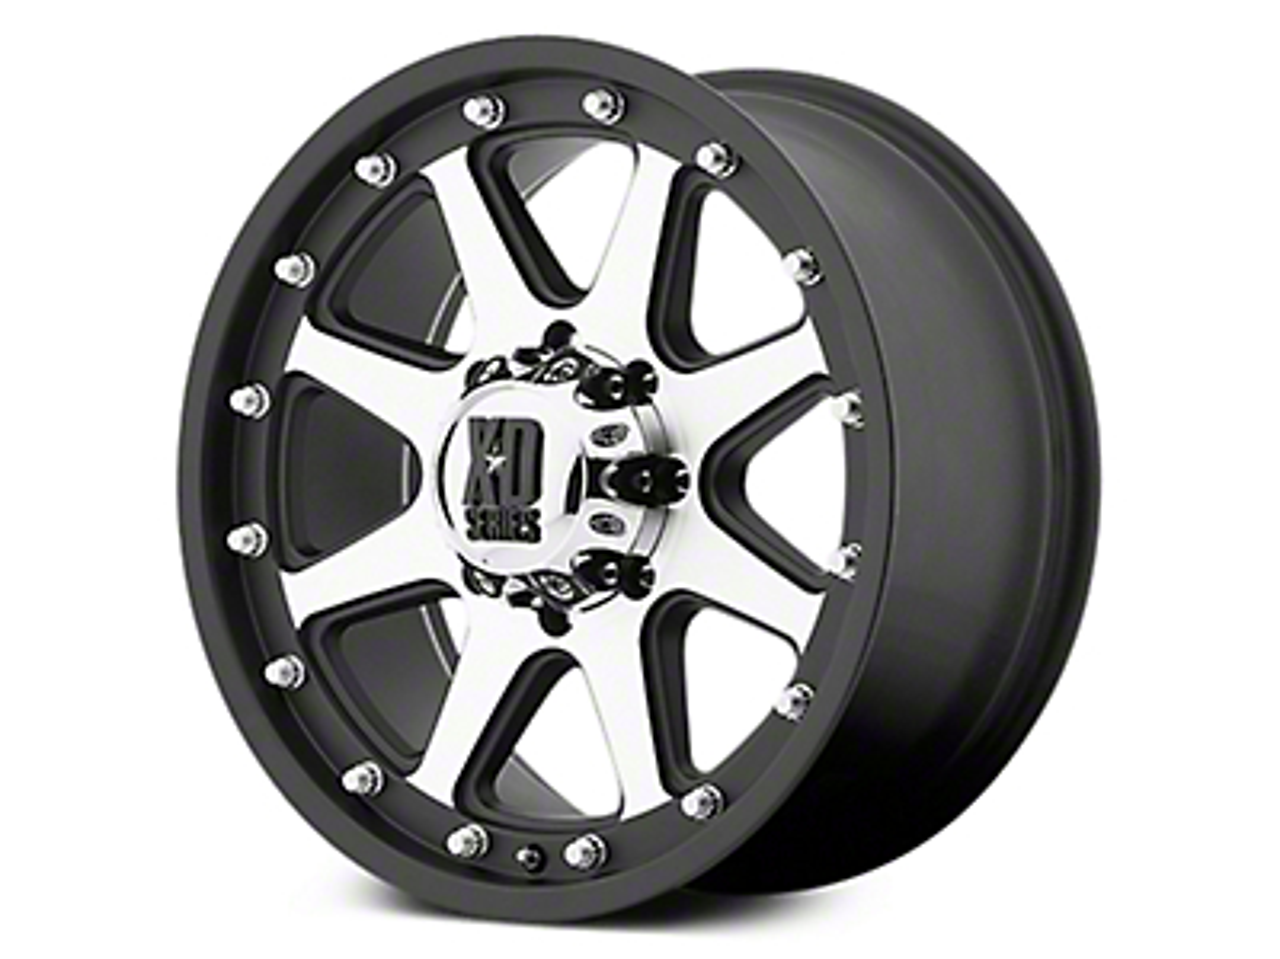 XD Addict Matte Black Machined 6-Lug Wheel - 18x9 -12mm Offset (07-18 Sierra 1500)